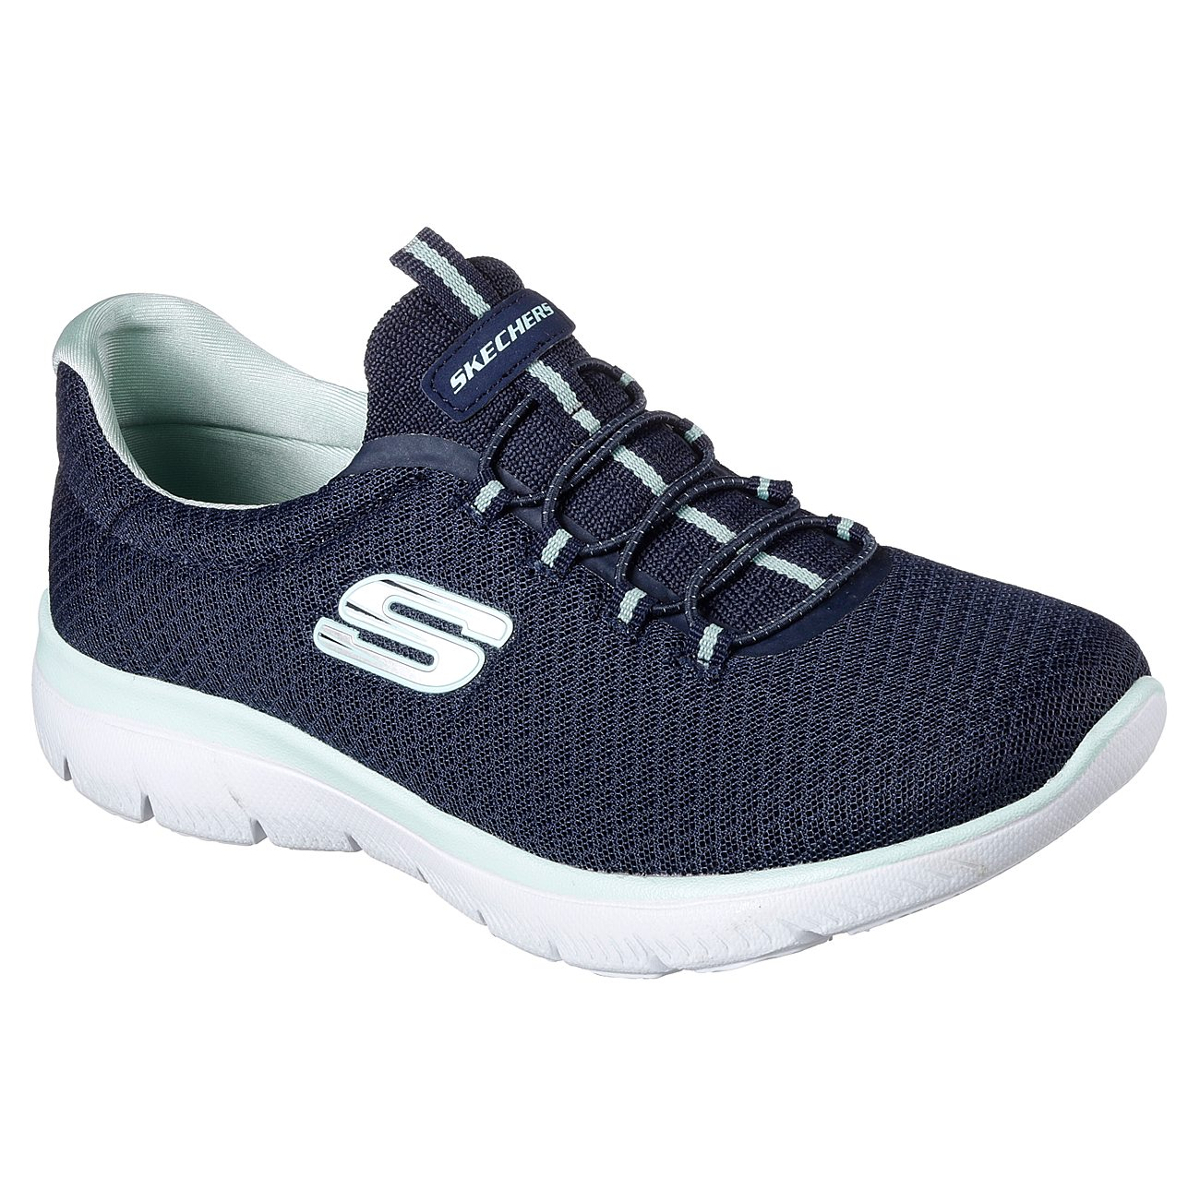 Skechers Women's Summits Sneakers - Blue, 7